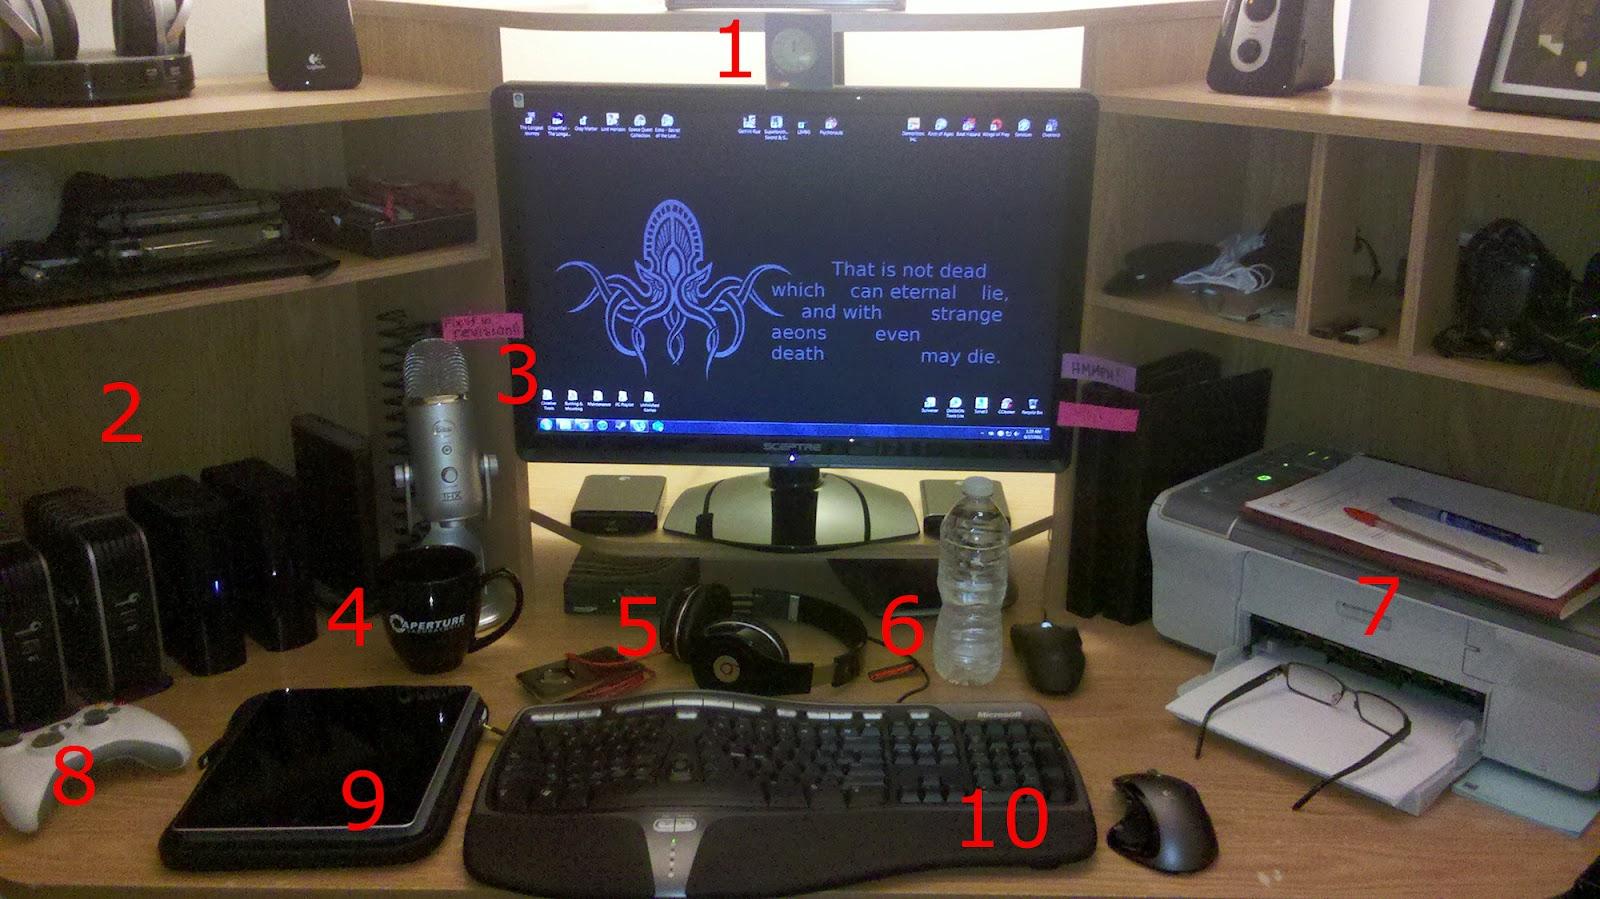 Wustl writing help desk